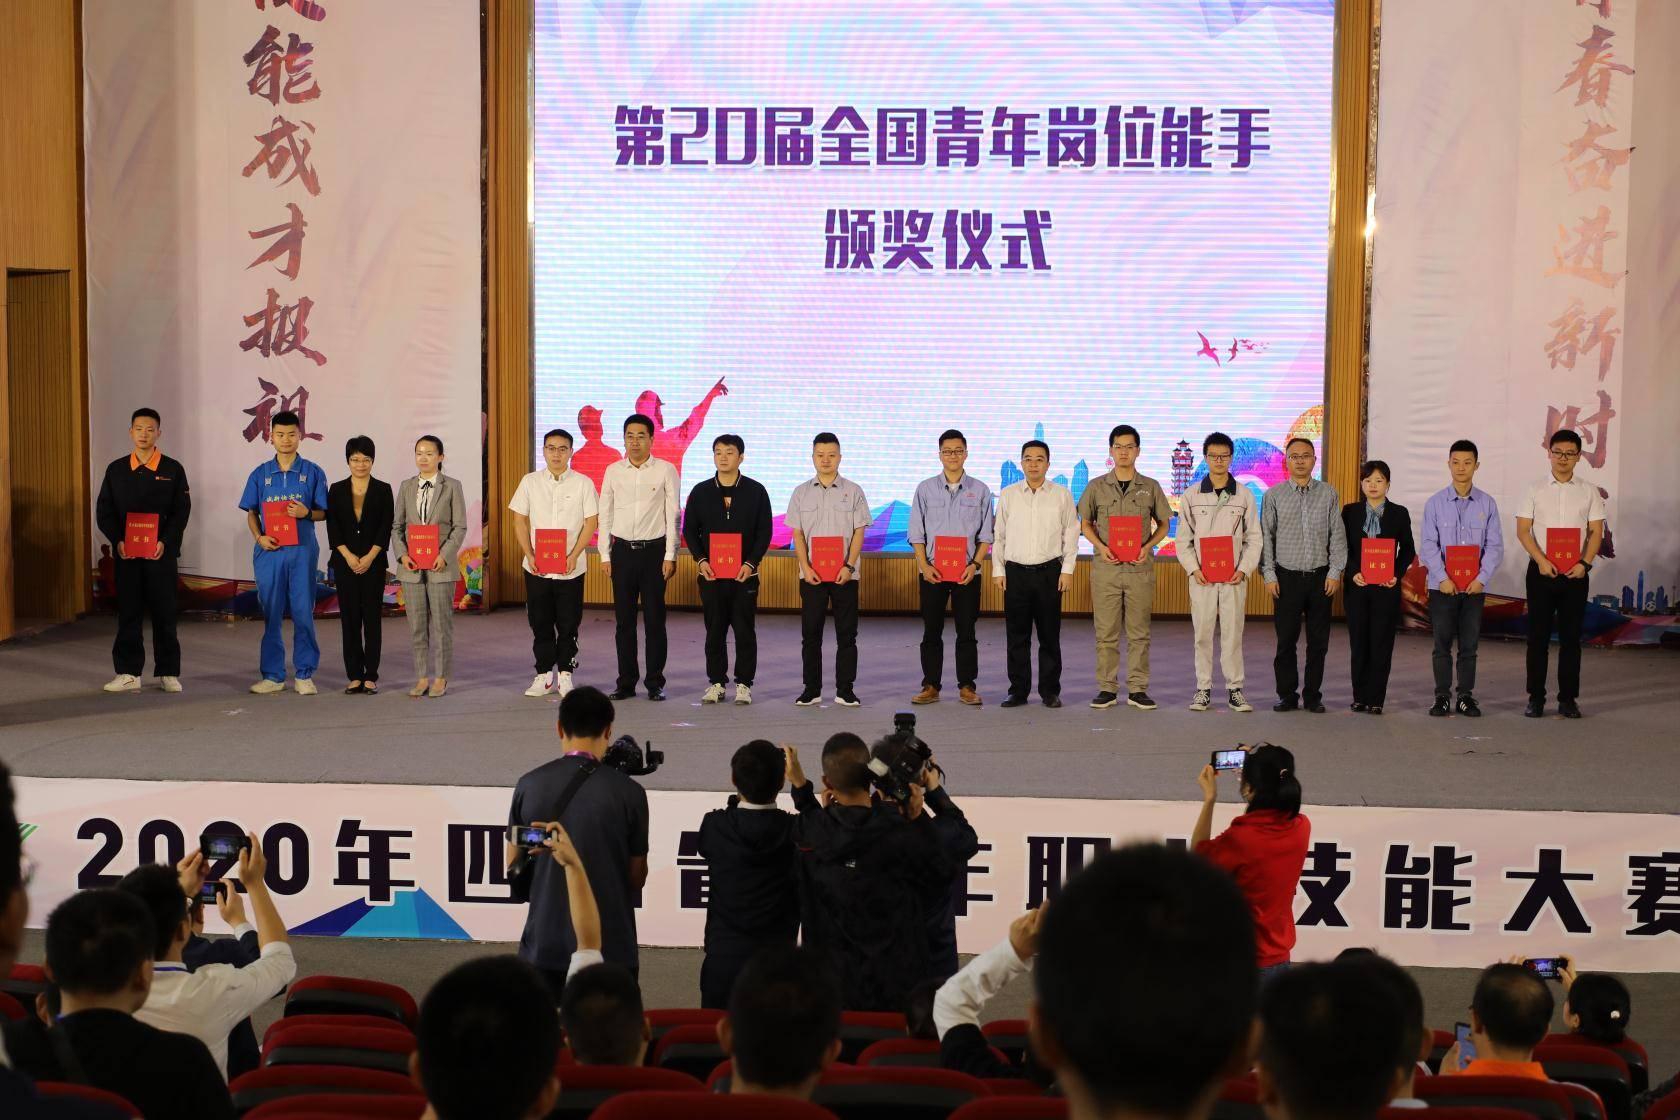 技能成才报祖国 青春奋进新时代:四川省青年职业技能大赛决赛在成都开幕